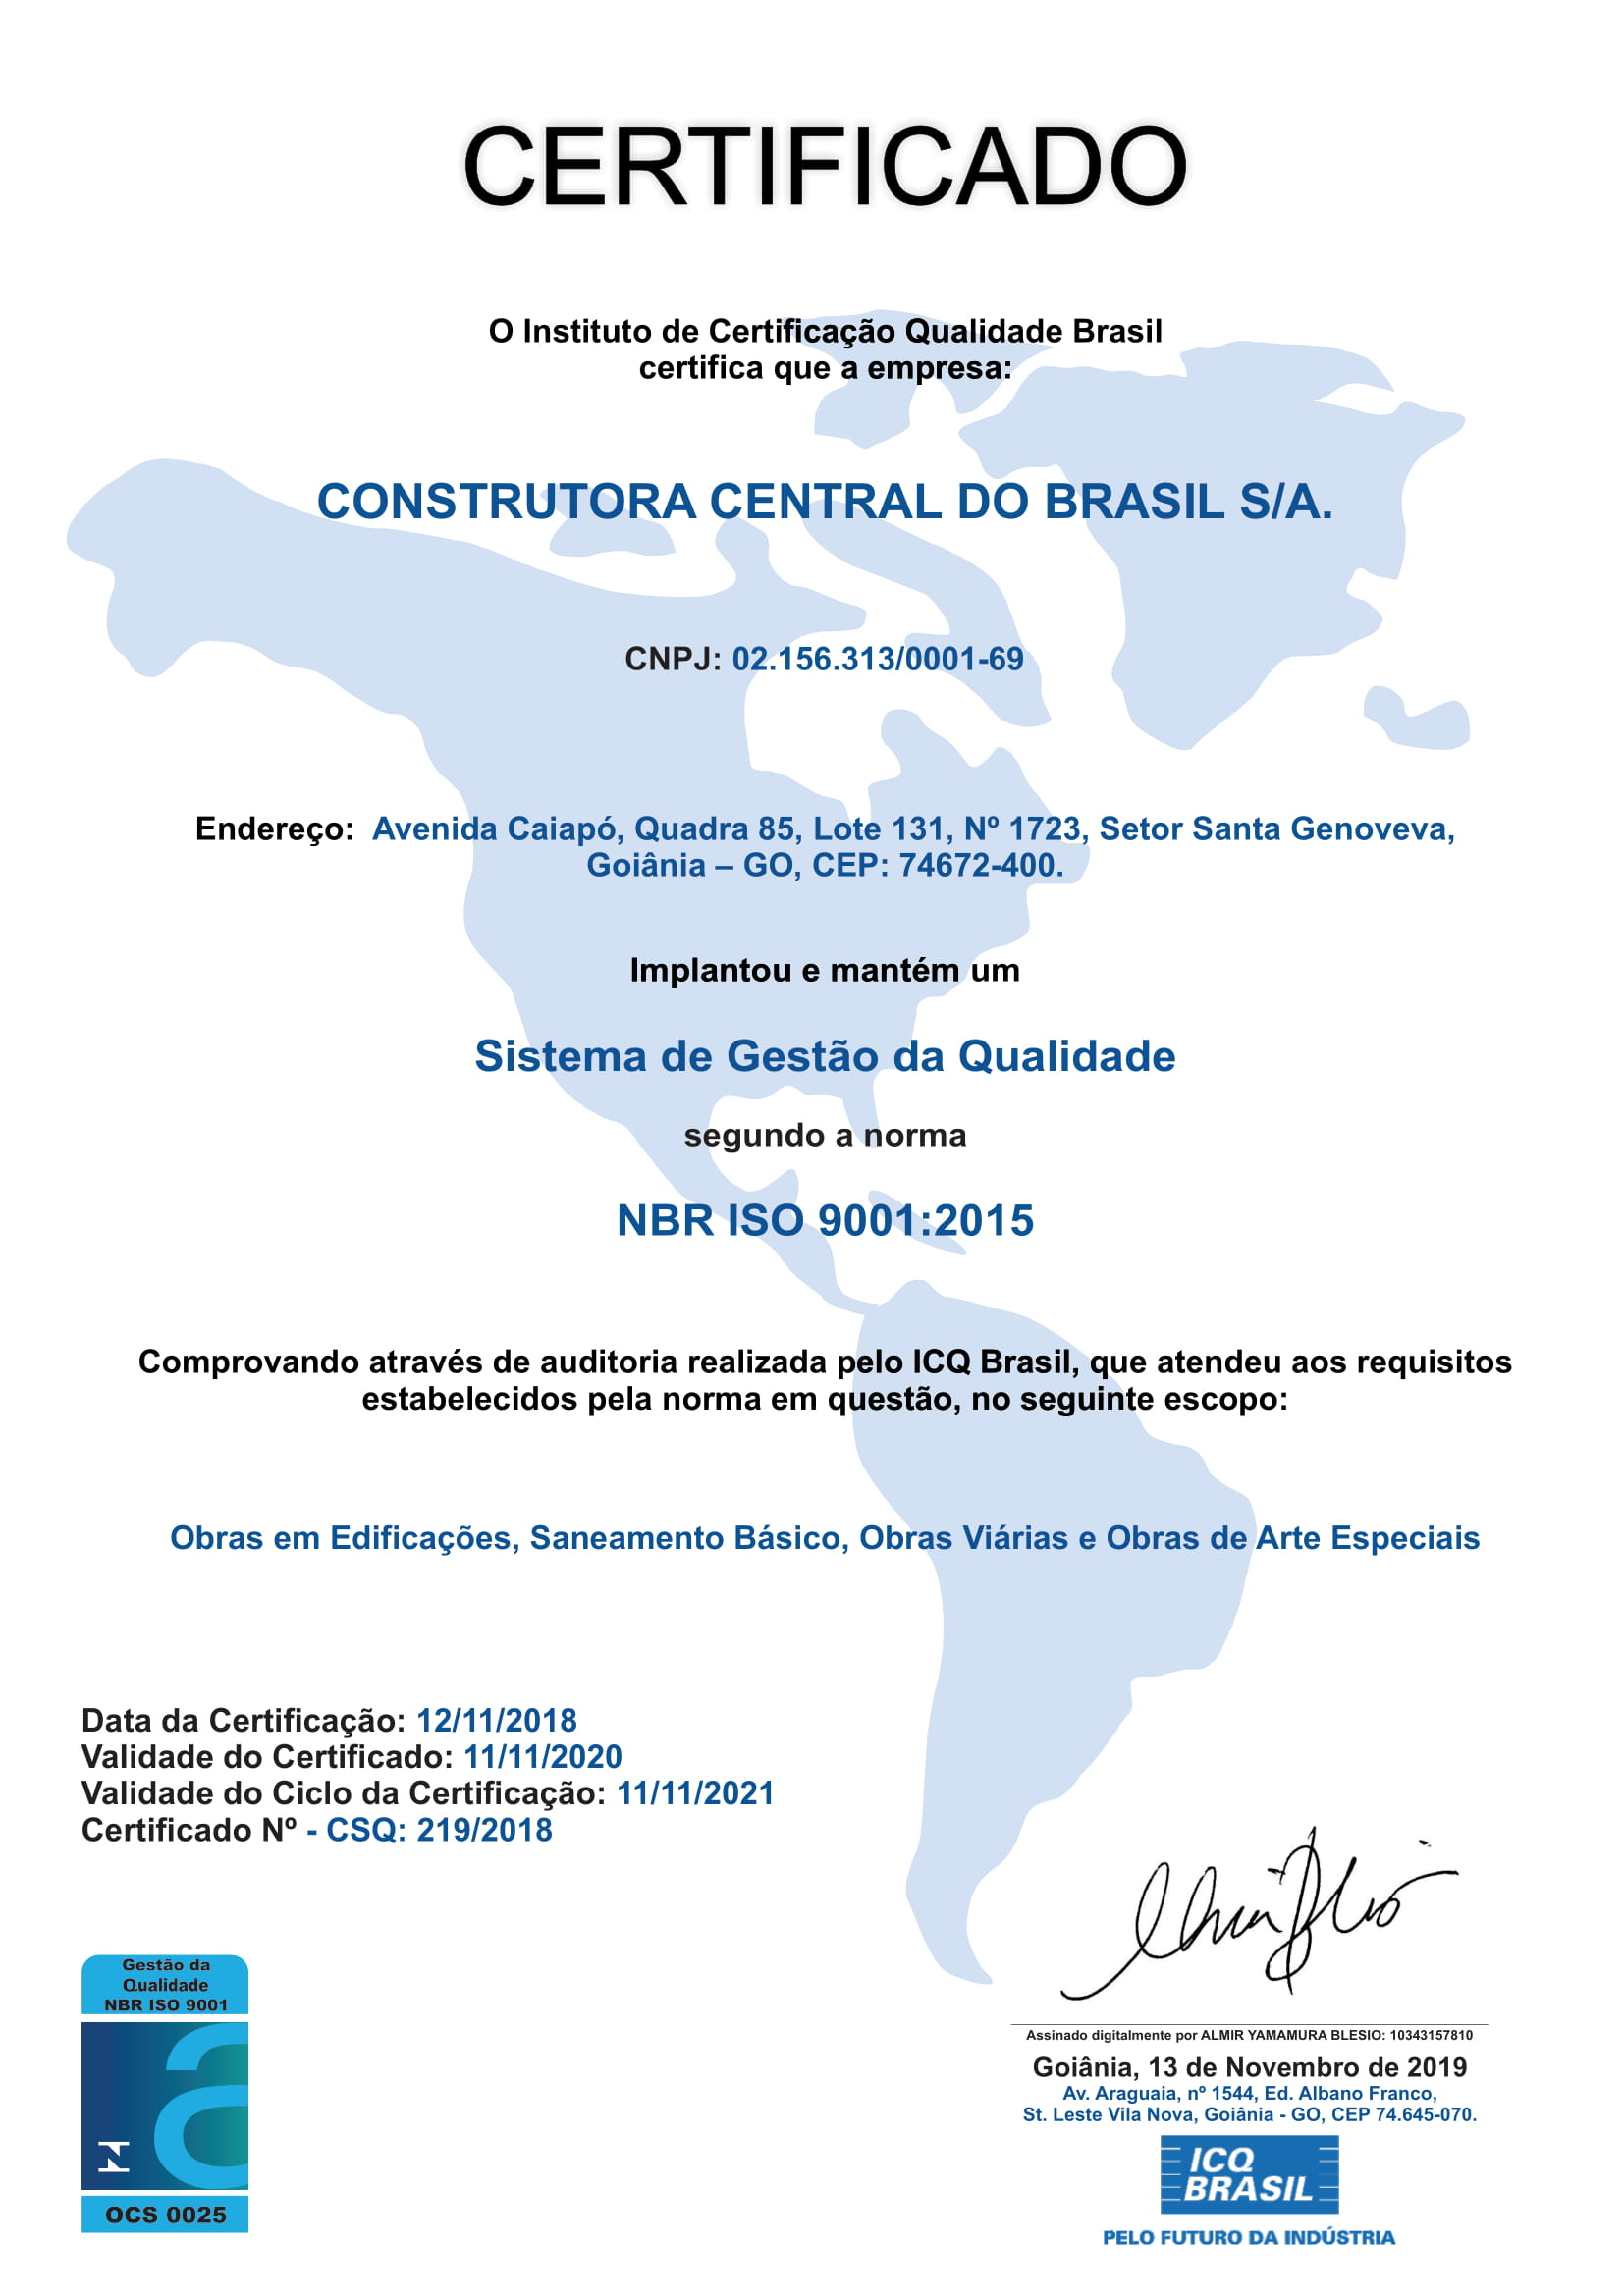 CERTIFICADO-DE-CONFORMIDADE-NBR-ISO-9001-2015-1